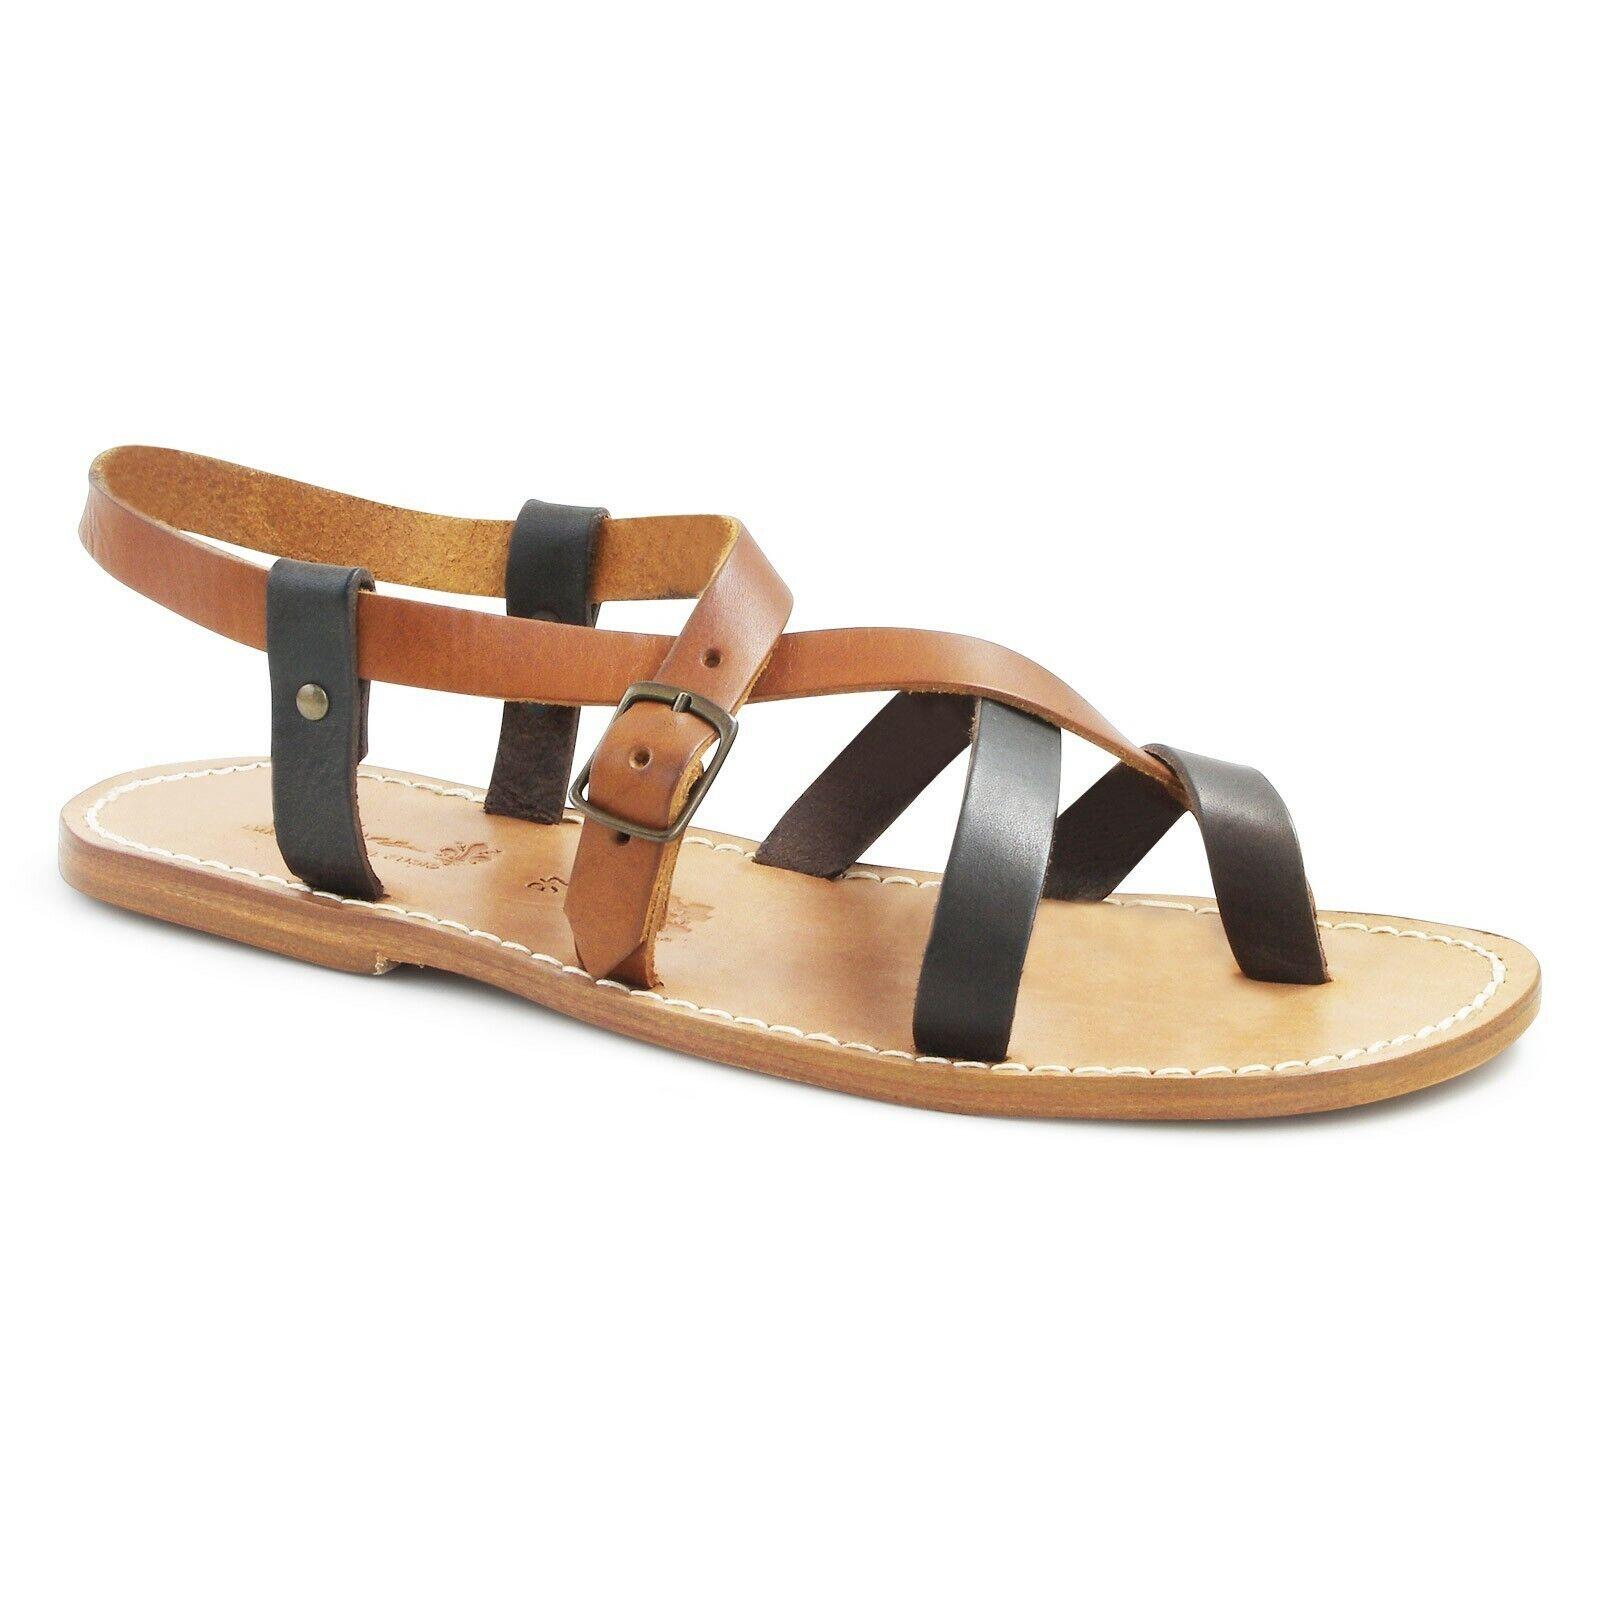 Hecho A Mano Para Hombres Zapatos Sandalias De Jesús Bronceado Marrón Oscuro Cuero Genuino Hecho en Italia